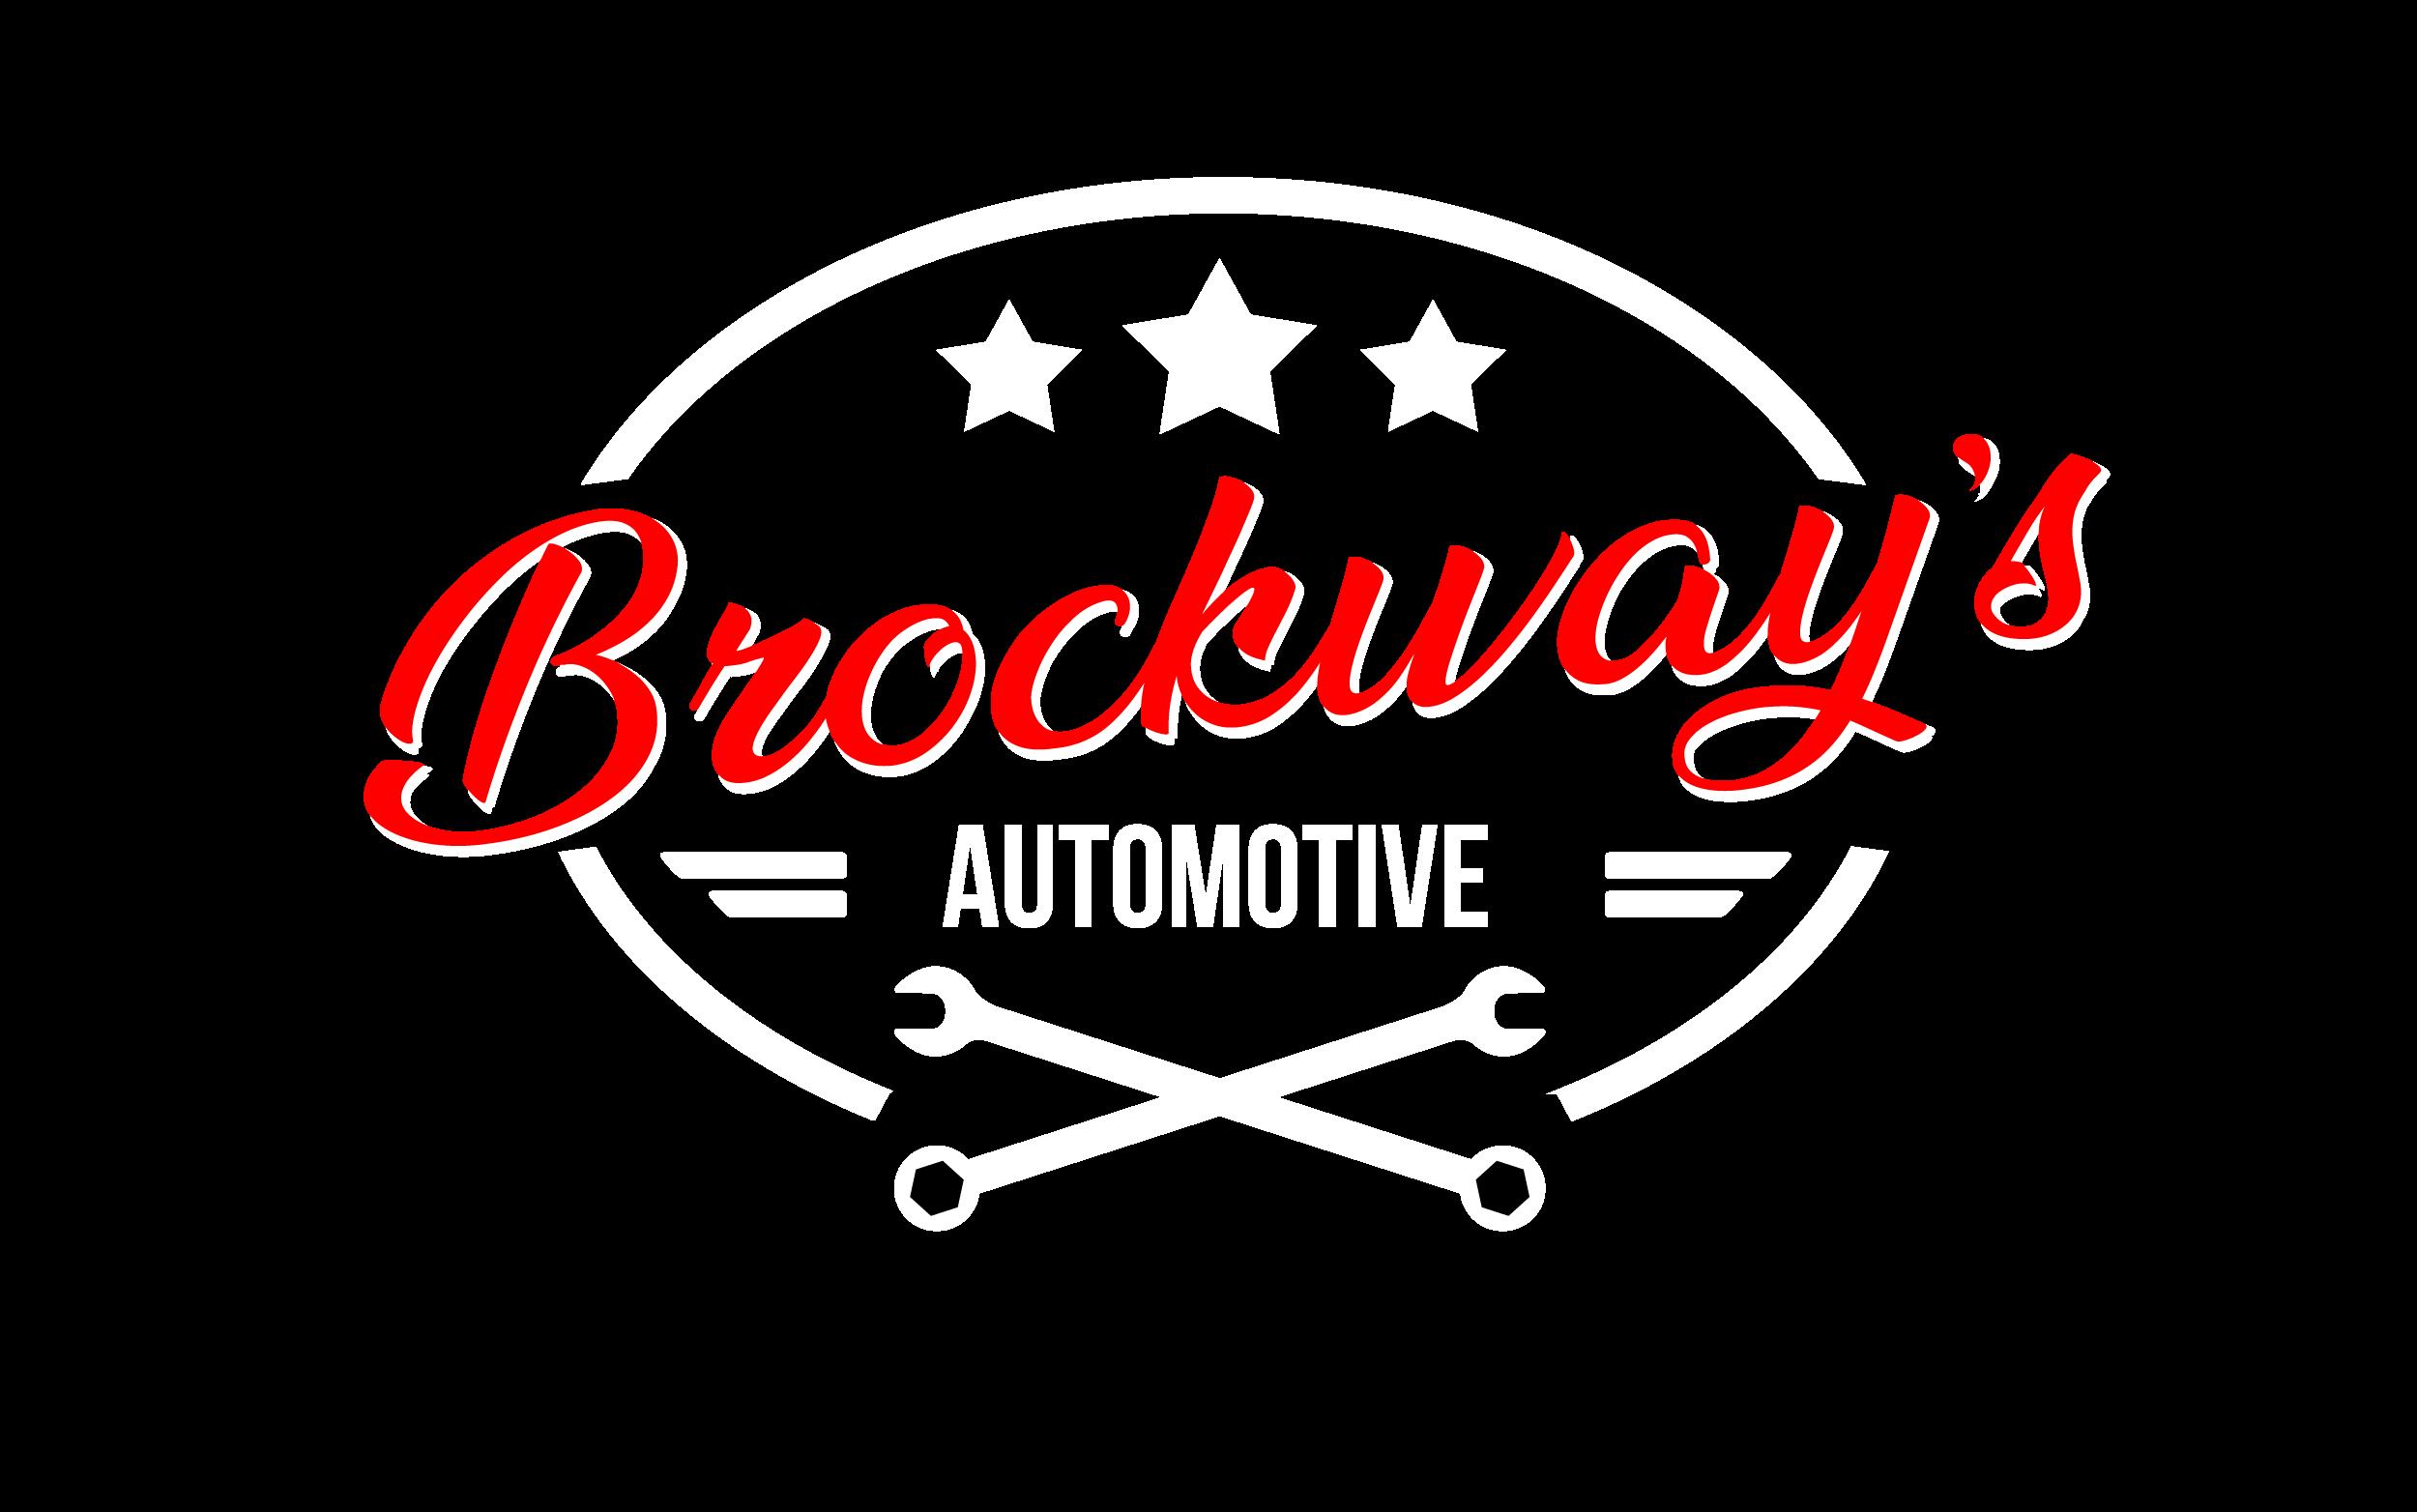 Brockway's Automotive Airdrie Alberta